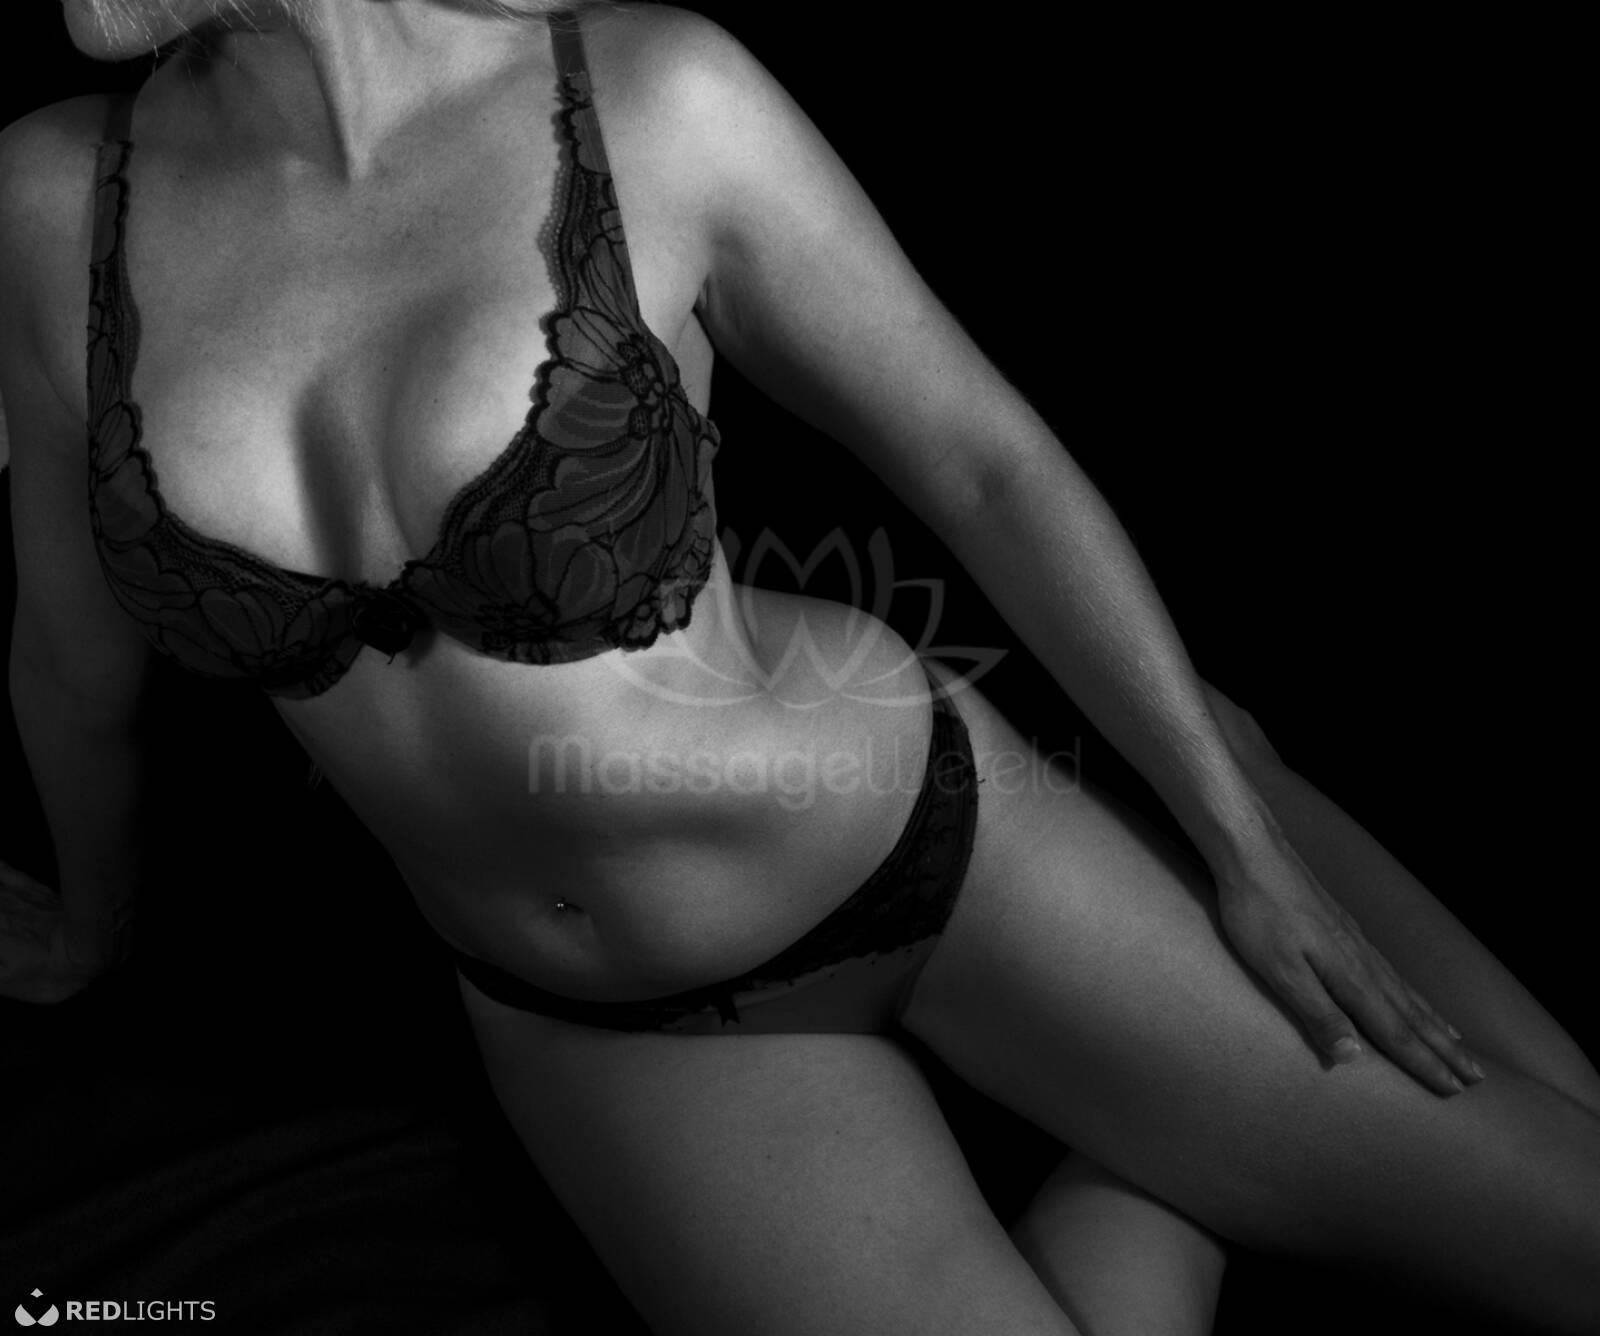 escort en thuisontvangst erotische massage vrouw vrouw